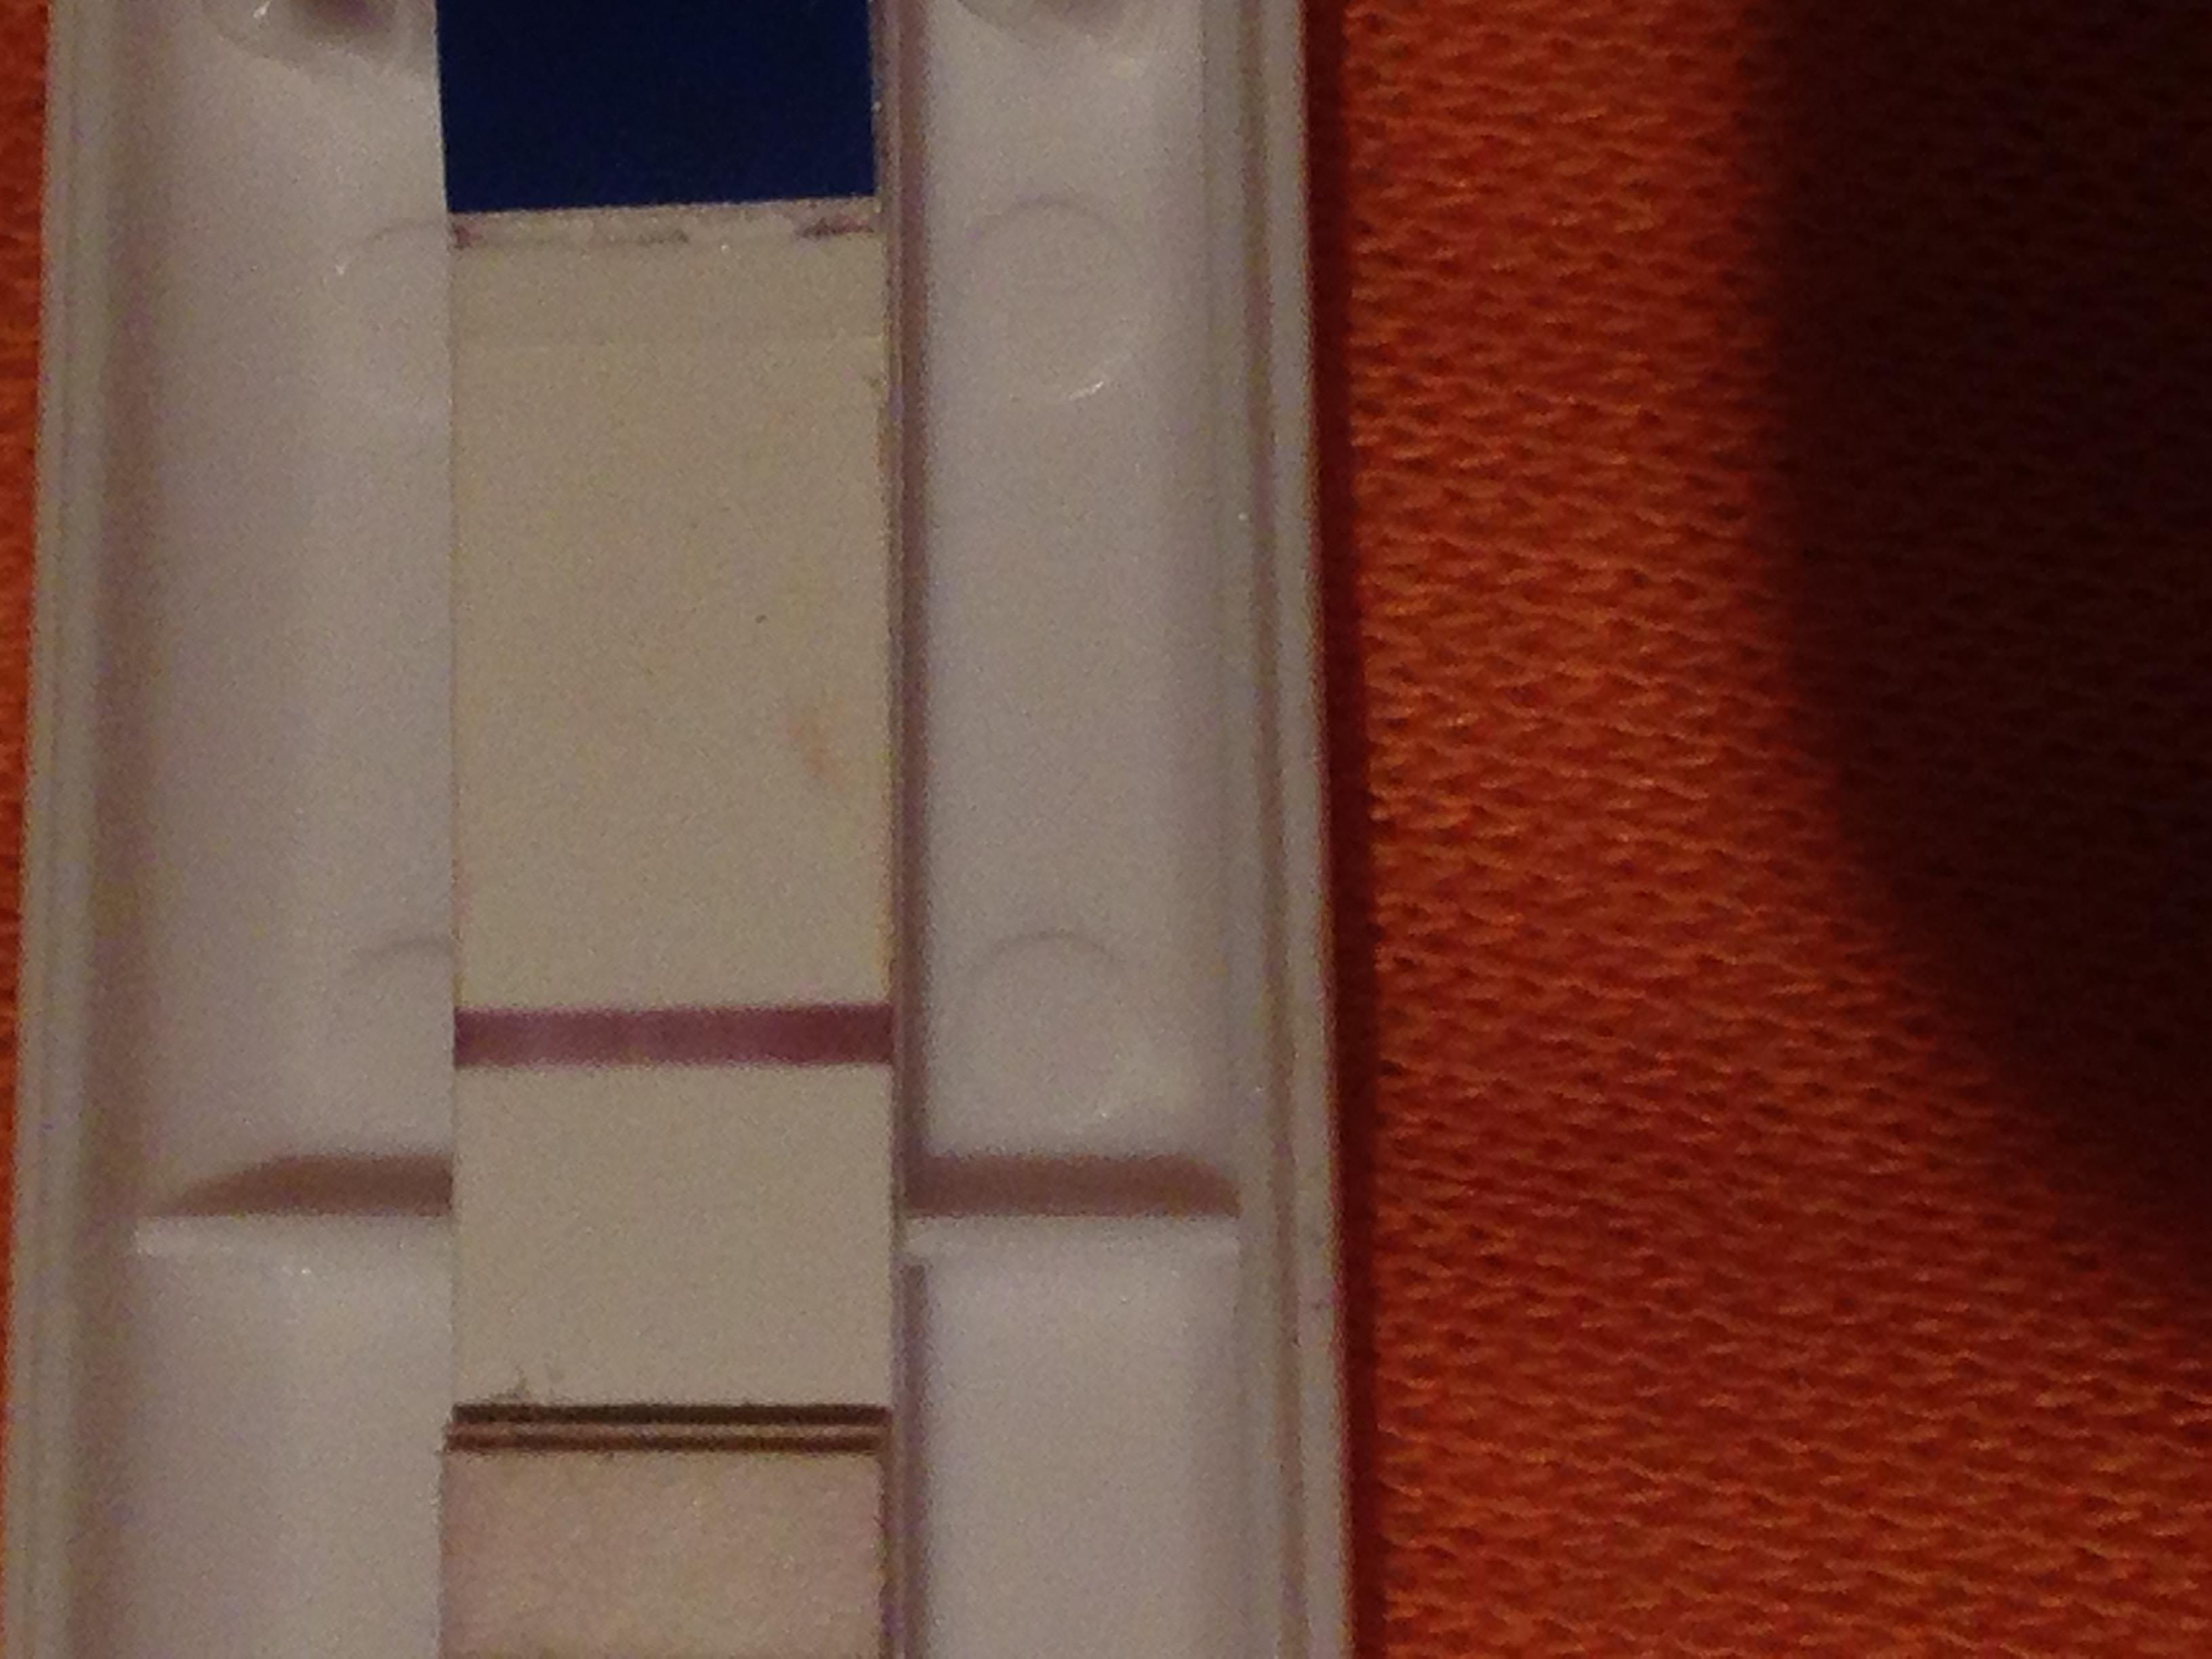 Ist dieser Schwangerschaftstest negativ? (Pille)